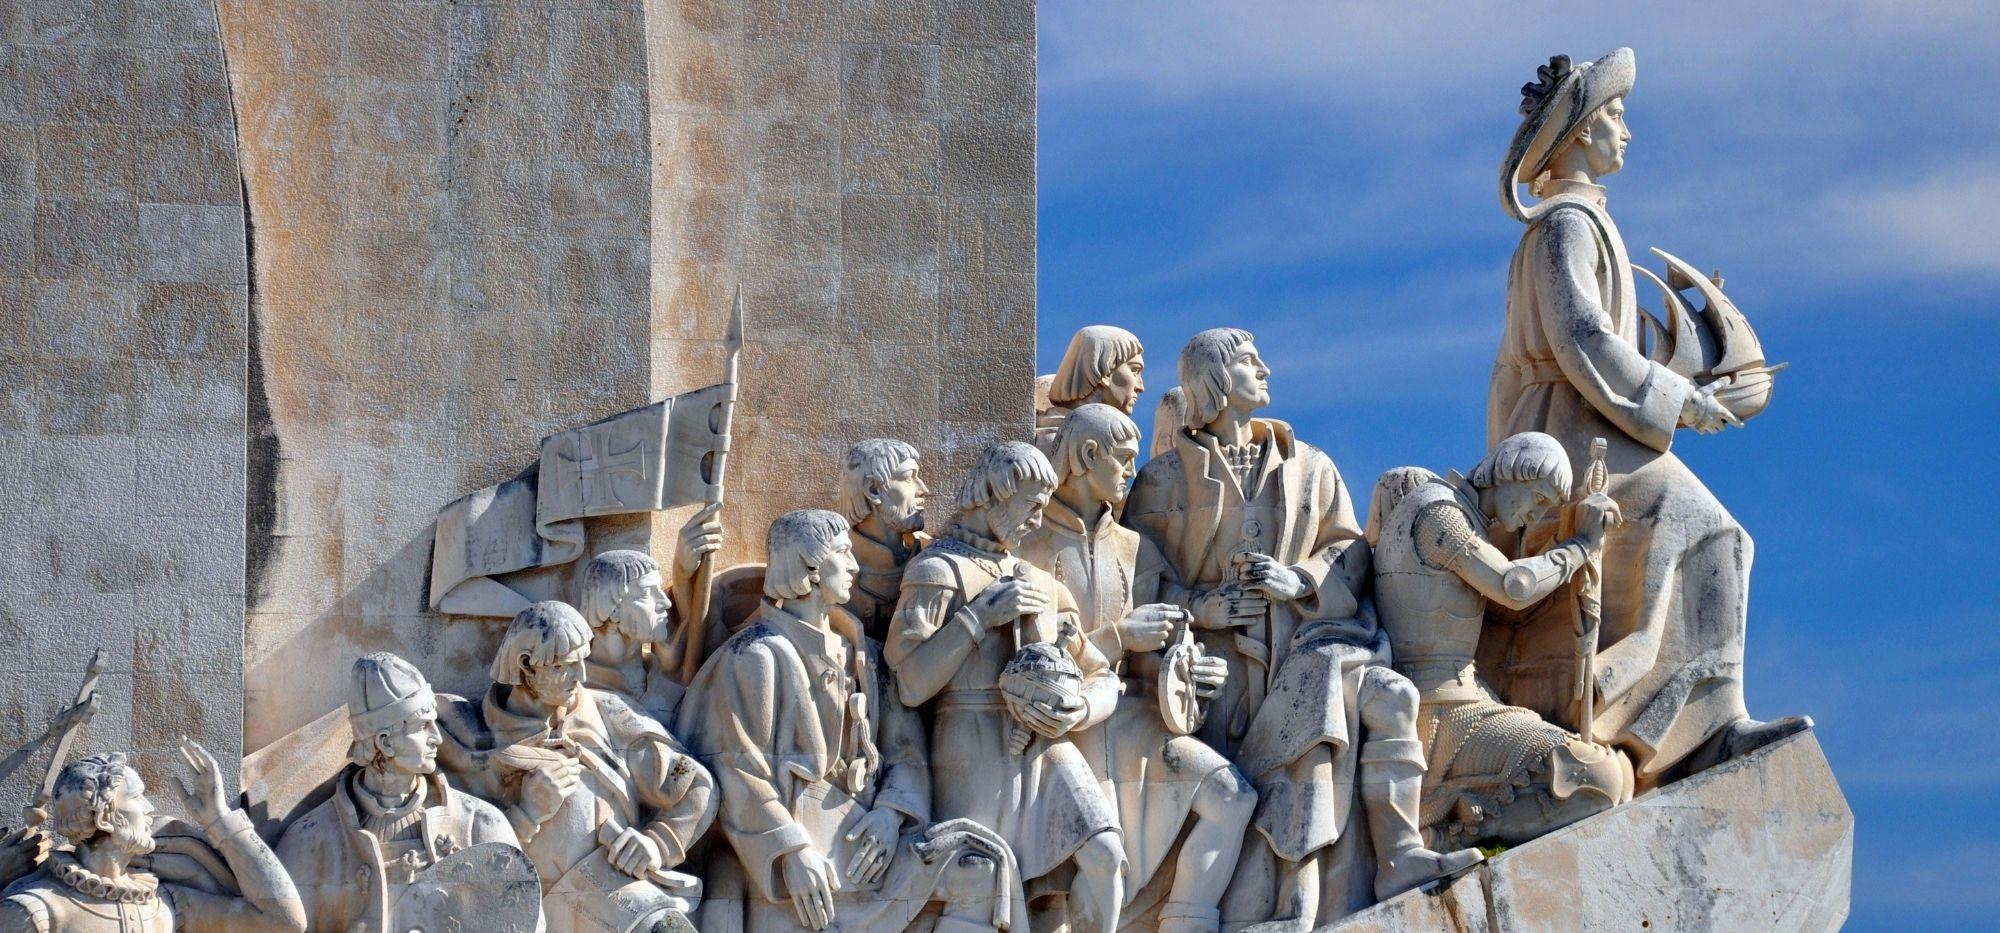 Pomnik Odkrywców w Lizbonie. Ku pamięci morskiej potęgi